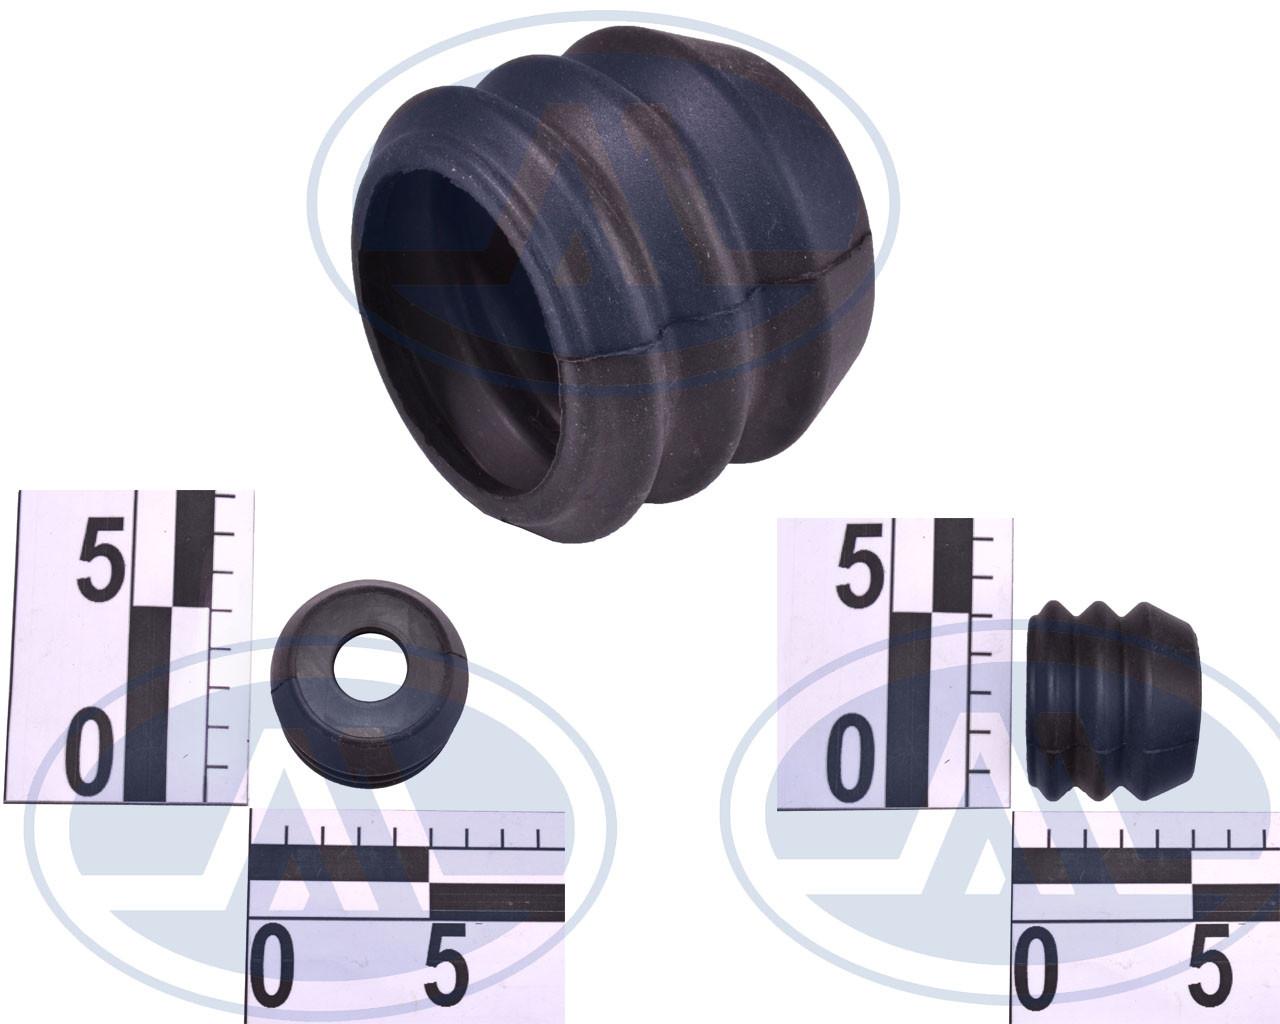 Пыльник клапана вакуумного усилителя ваз 2103